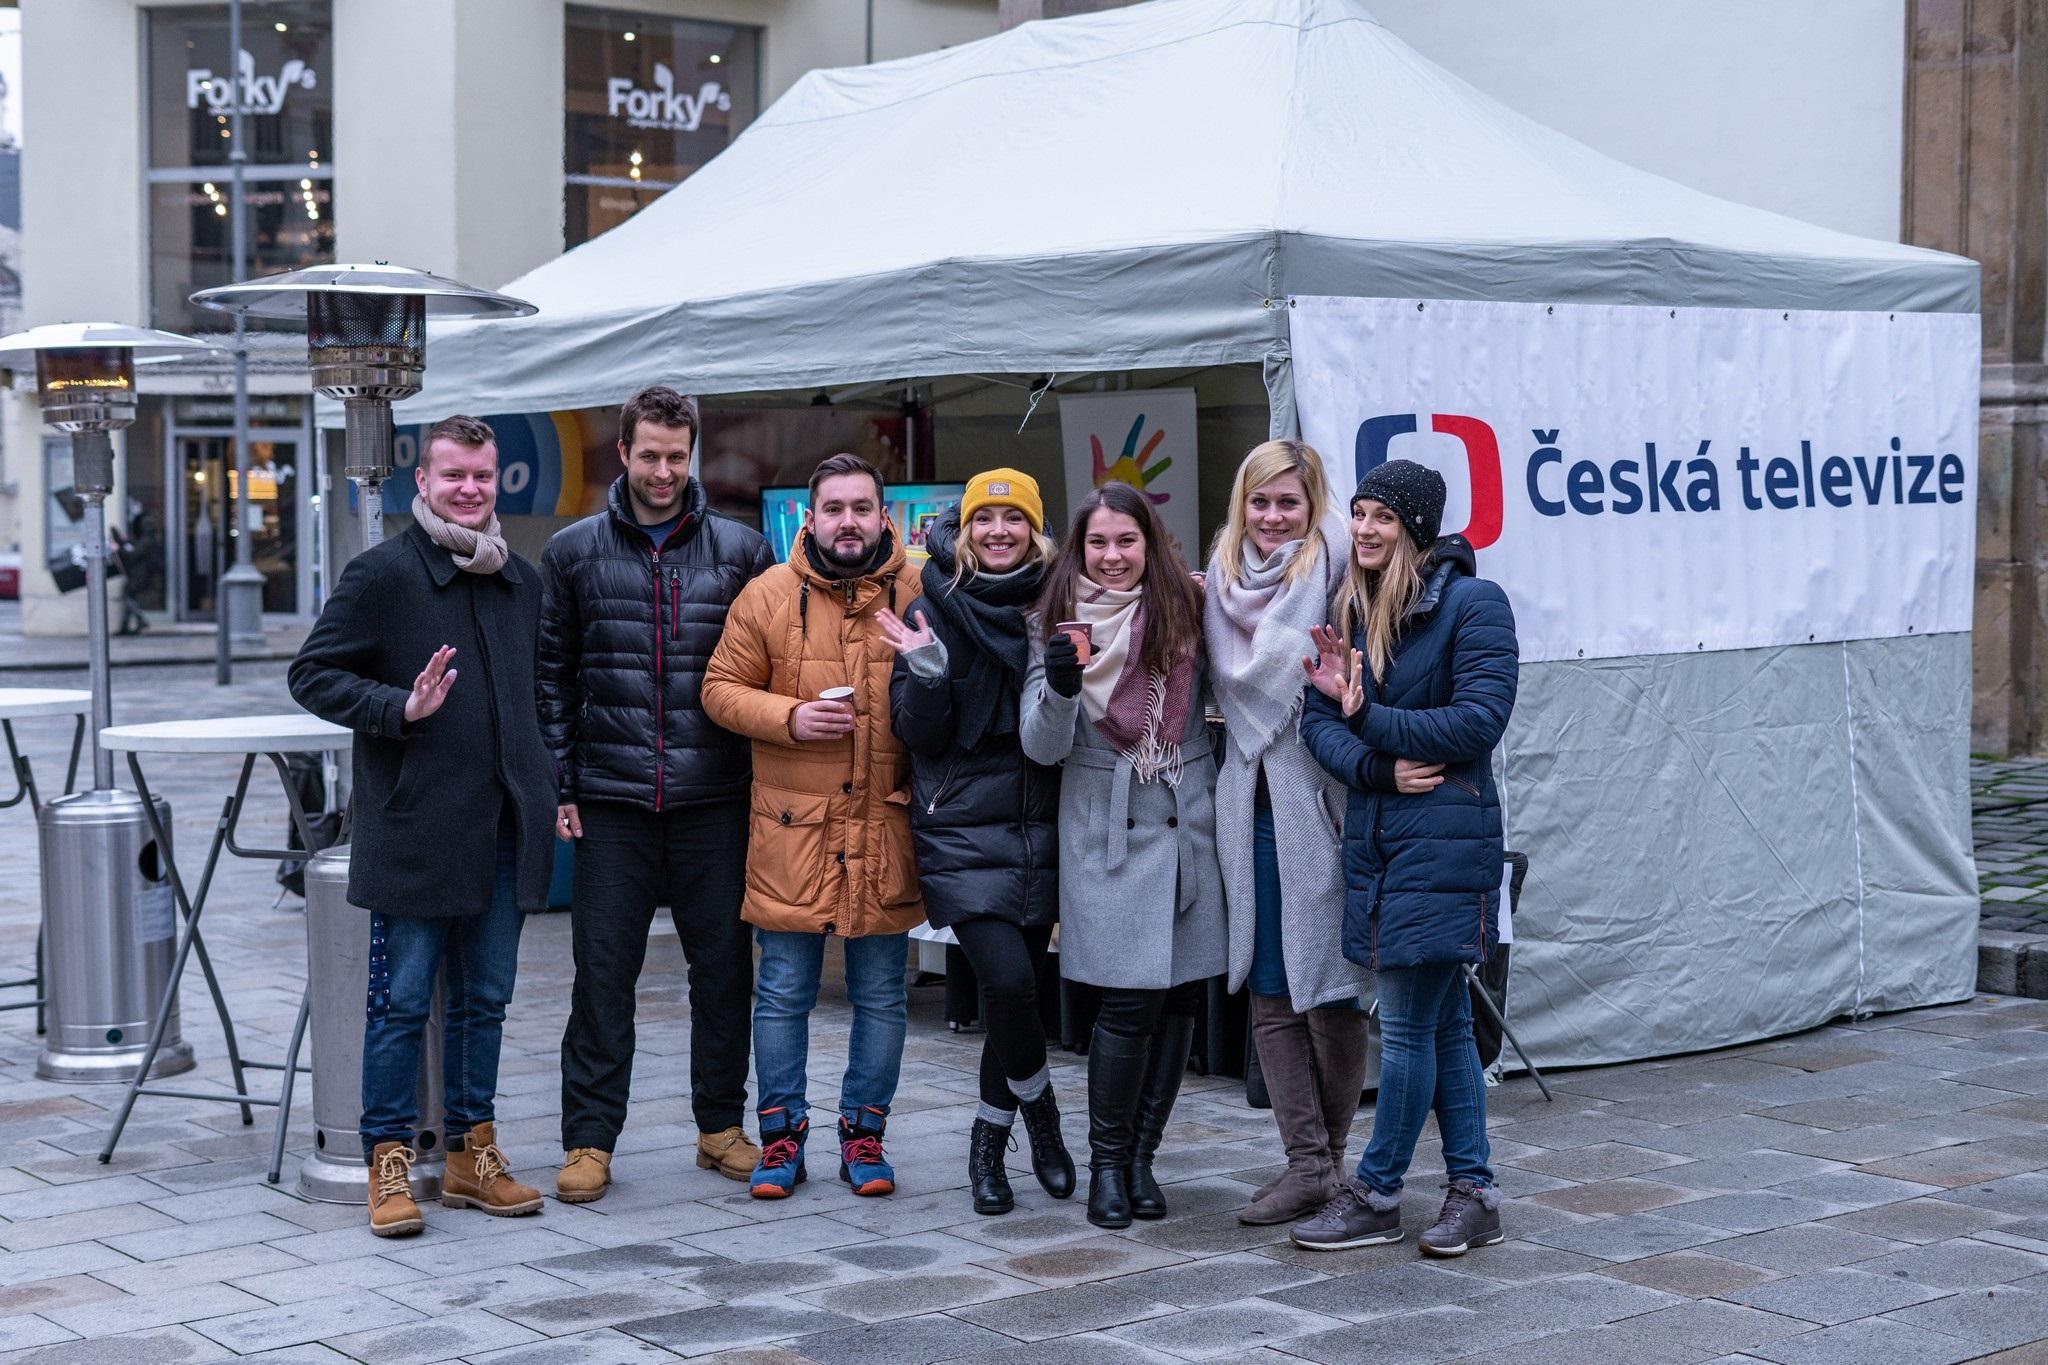 Česká telelvize Brno